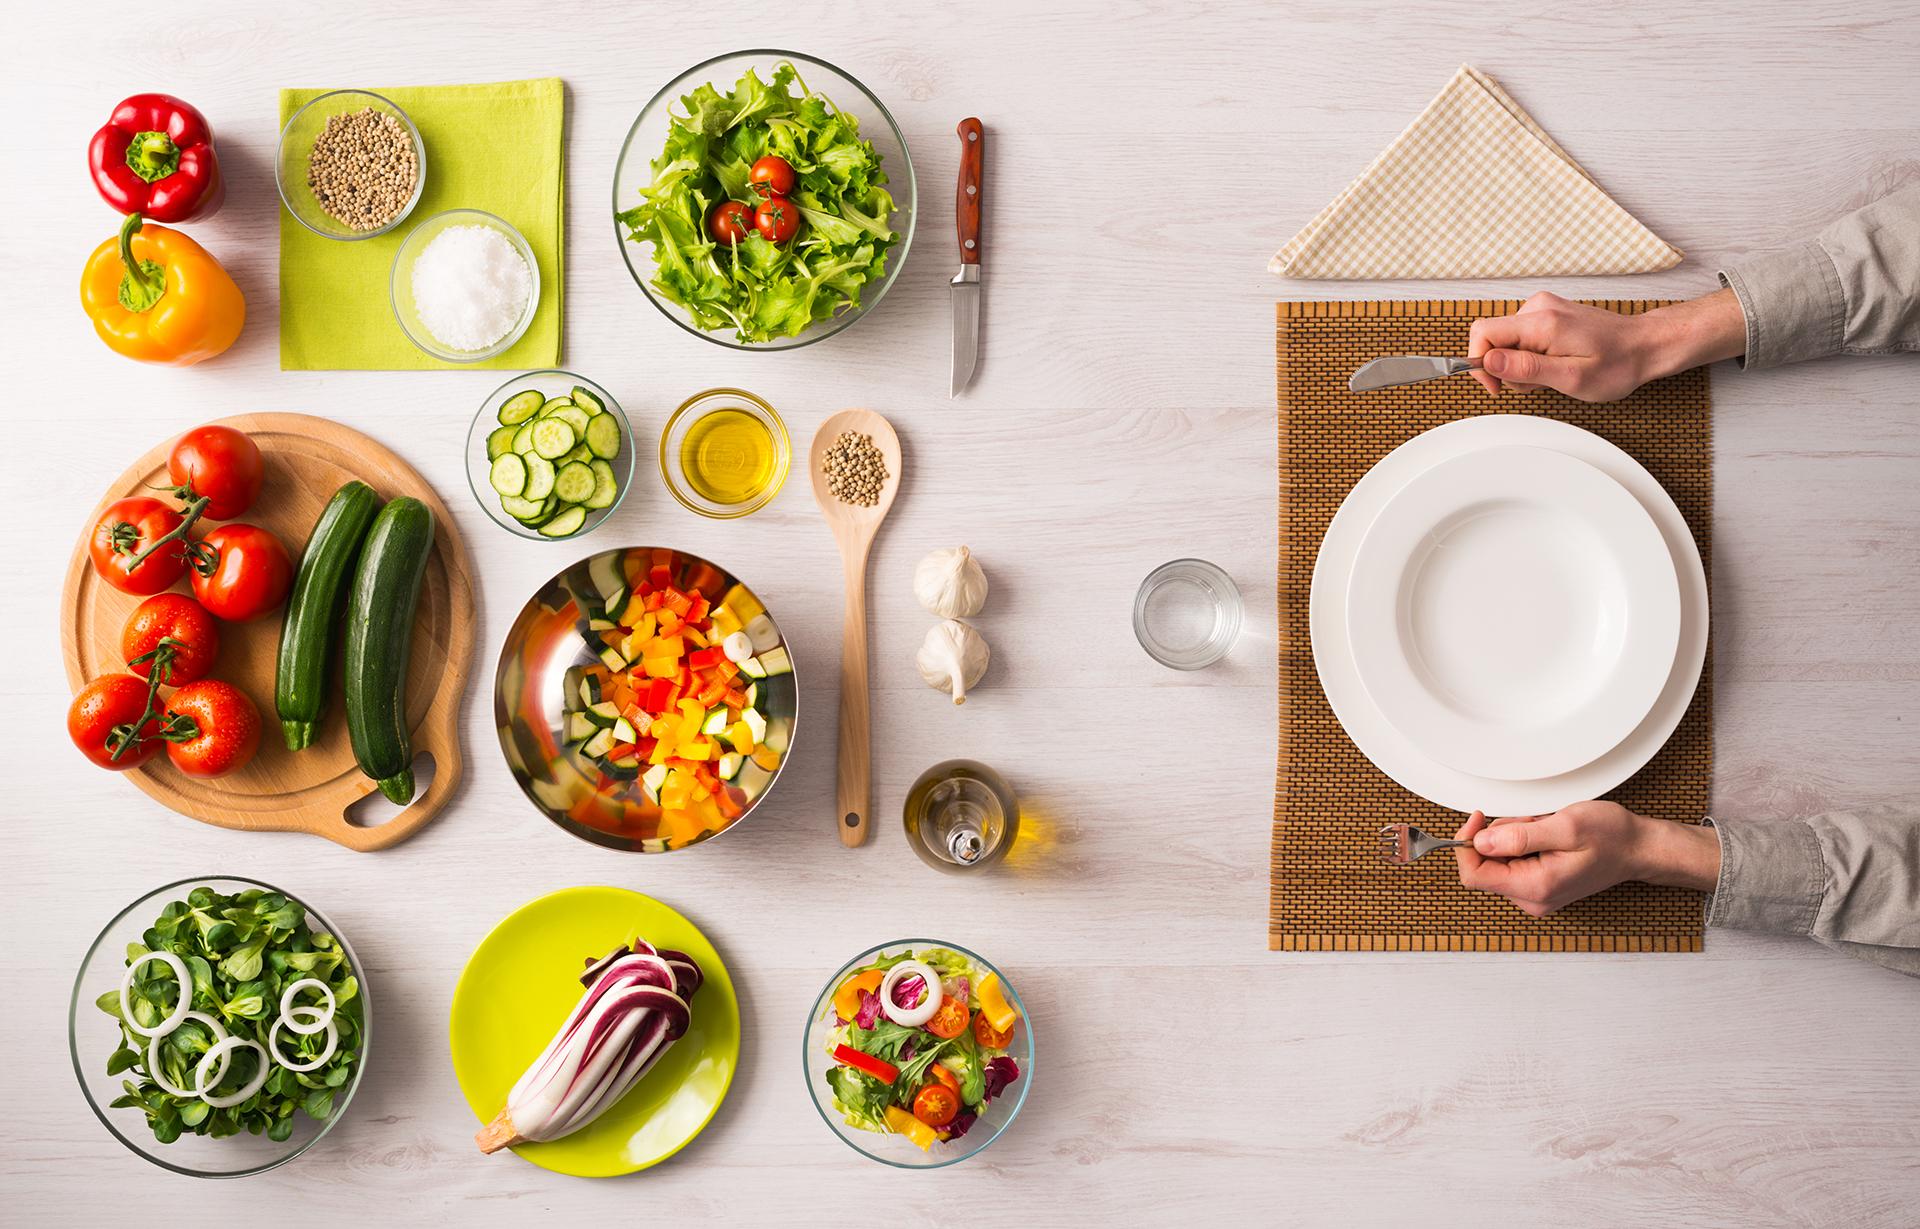 Dieta equilibrada y variada: 9 recetas saludables y livianas para disfrutar  durante el verano - Infobae